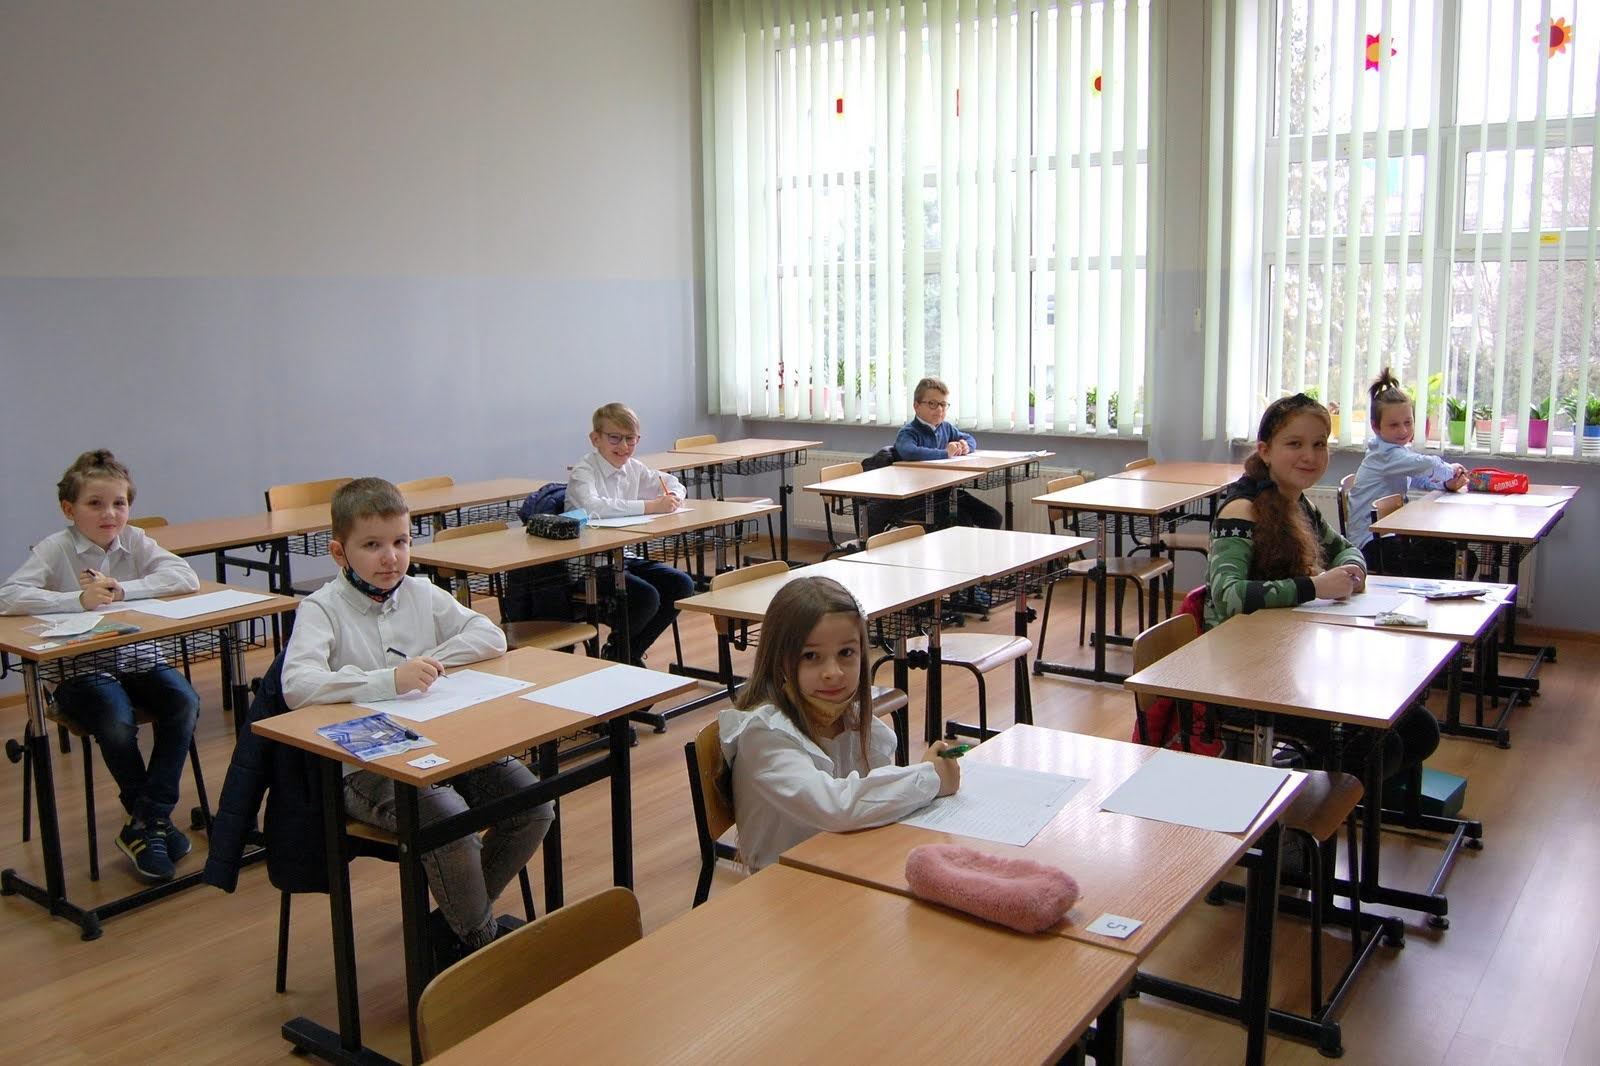 Uczniowie w ławkach czekają na rozpoczęcie konkursu